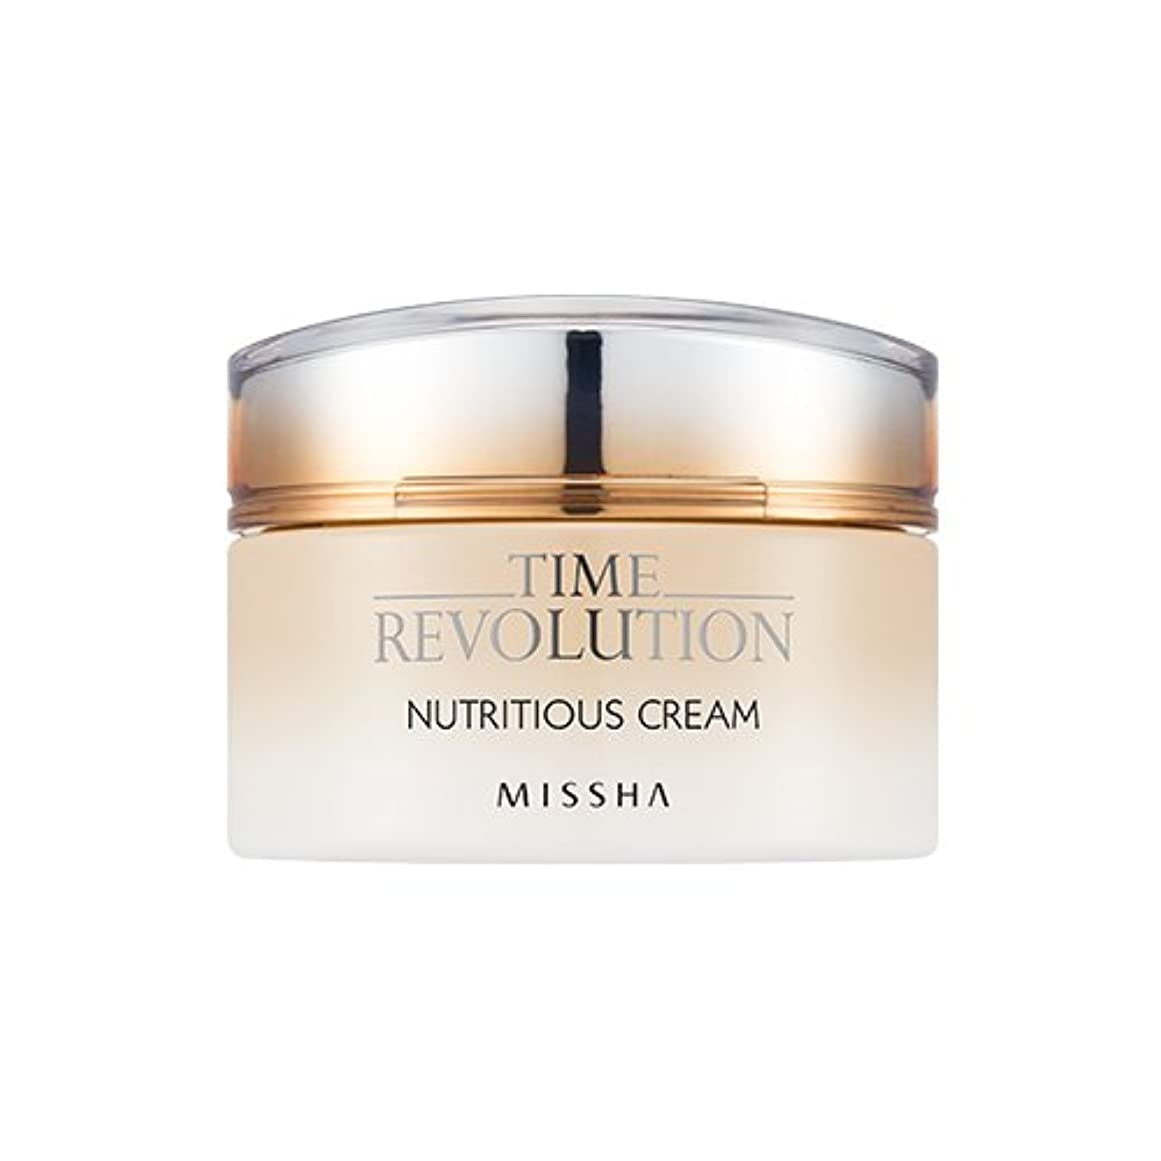 中傷サイレント無駄に[New] MISSHA Time Revolution Nutritious Cream 50ml/ミシャ タイム レボリューション ニュートリシャス クリーム 50ml [並行輸入品]